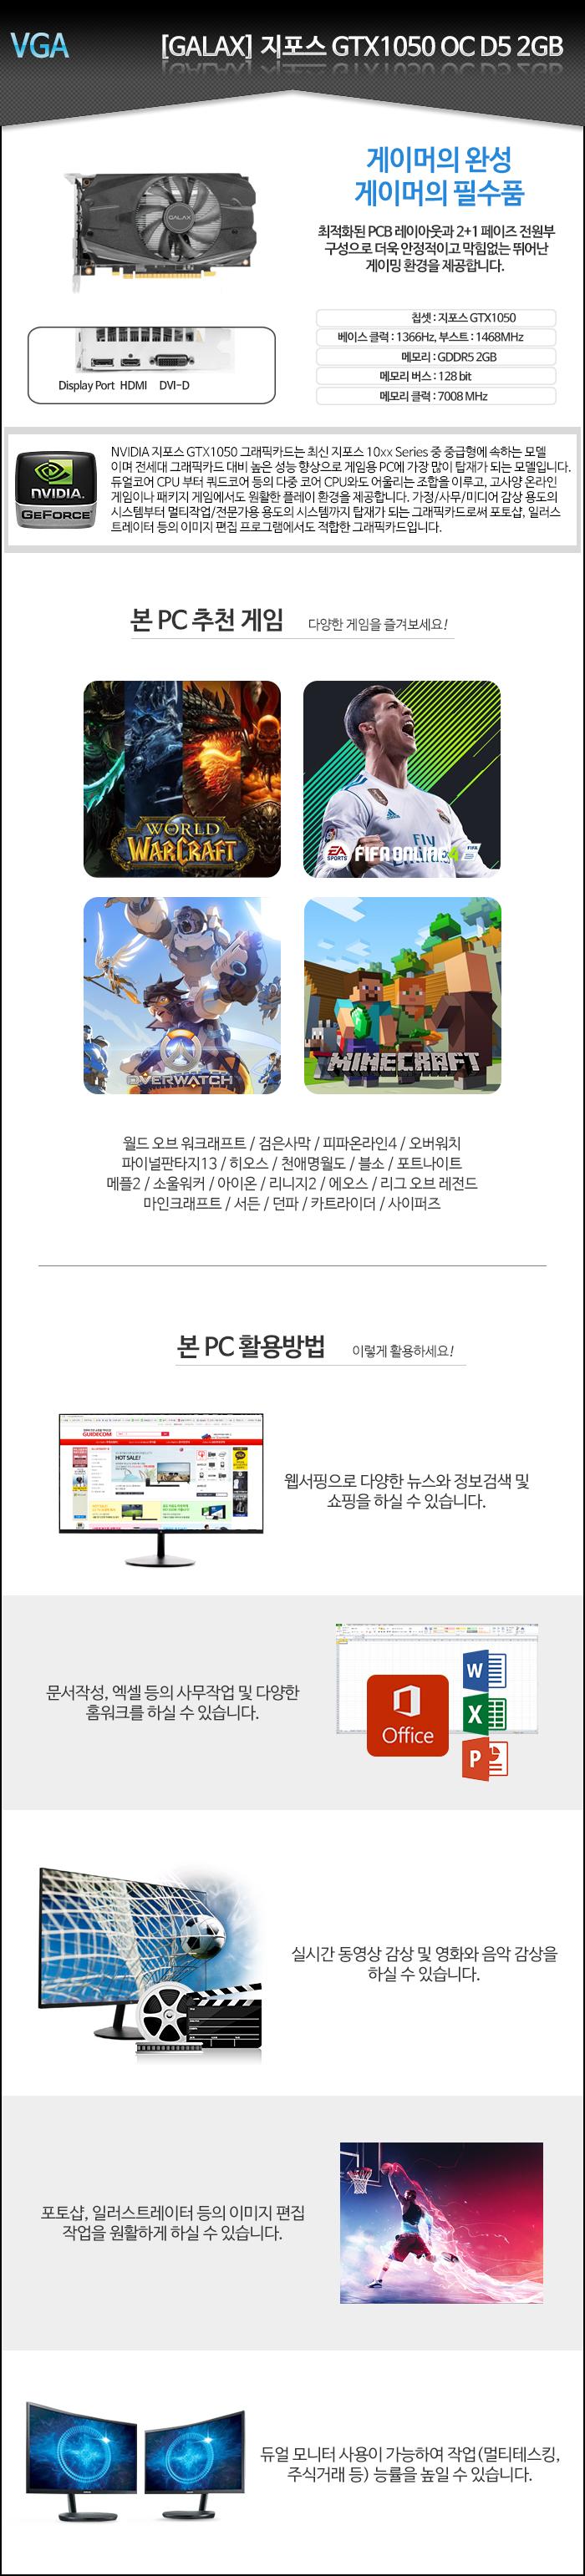 [갤럭시] GALAX 지포스 GTX1050 OC D5 2GB